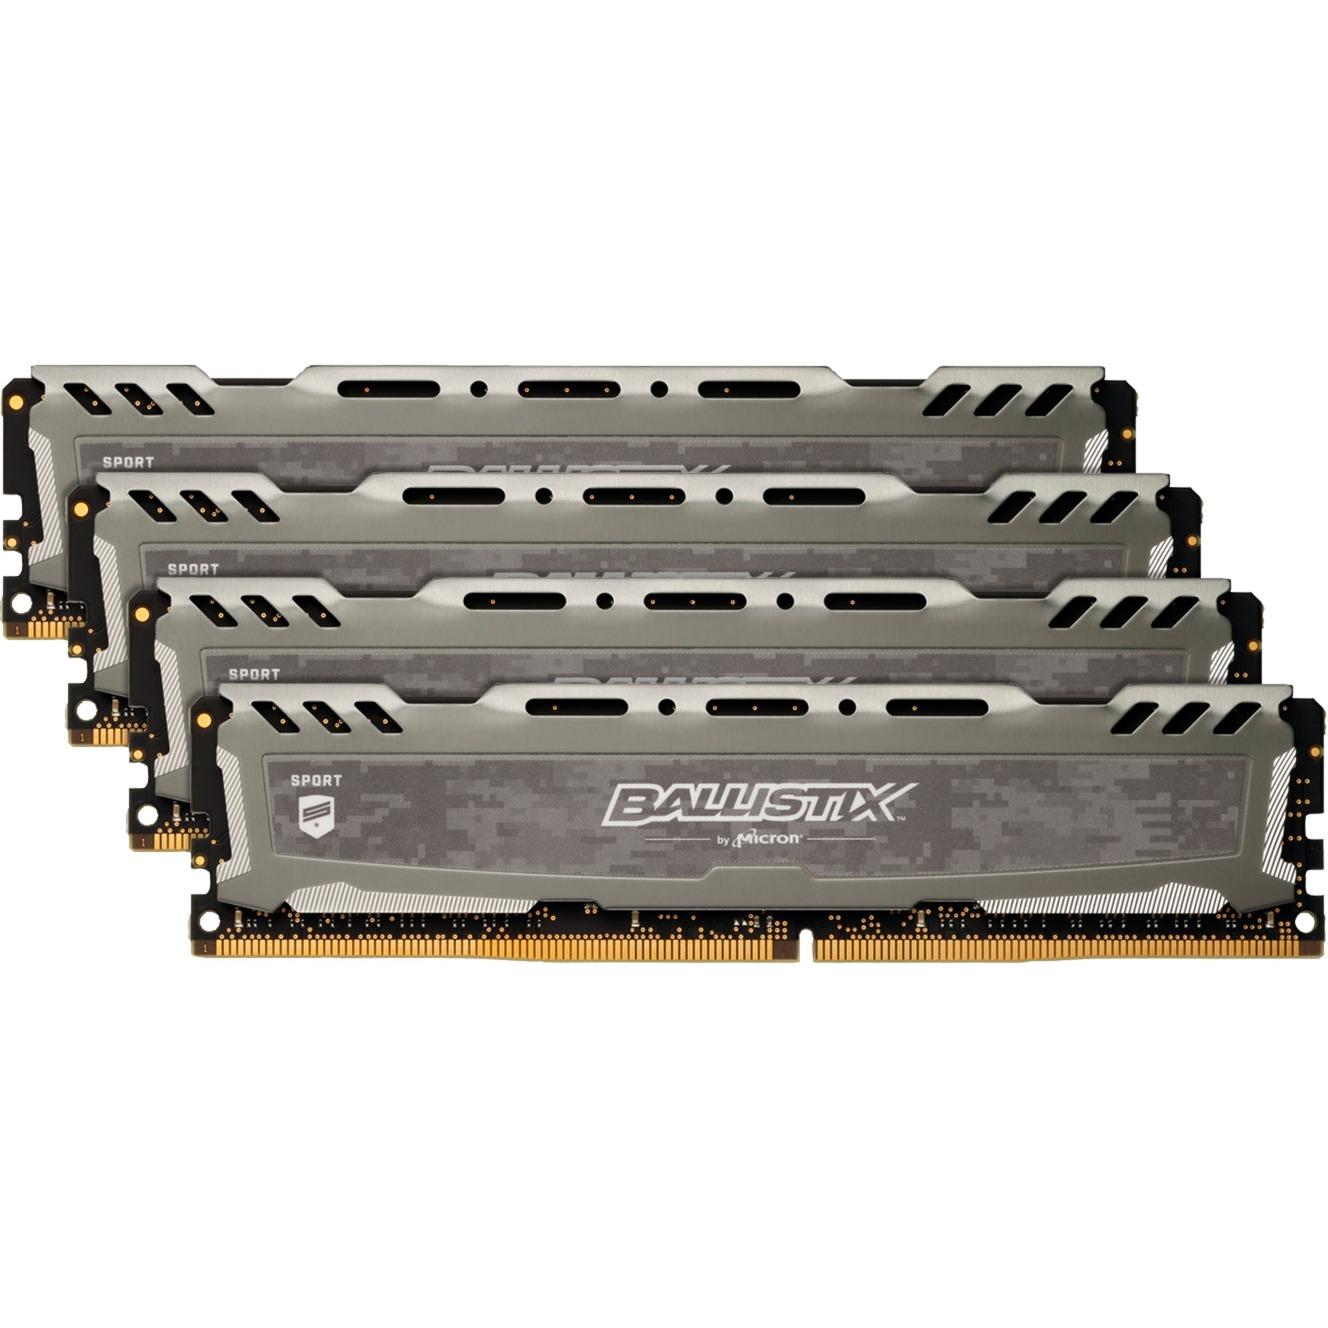 Ballistix Sport LT 64GB DDR4-2666 64Go DDR4 2666MHz module de mémoire